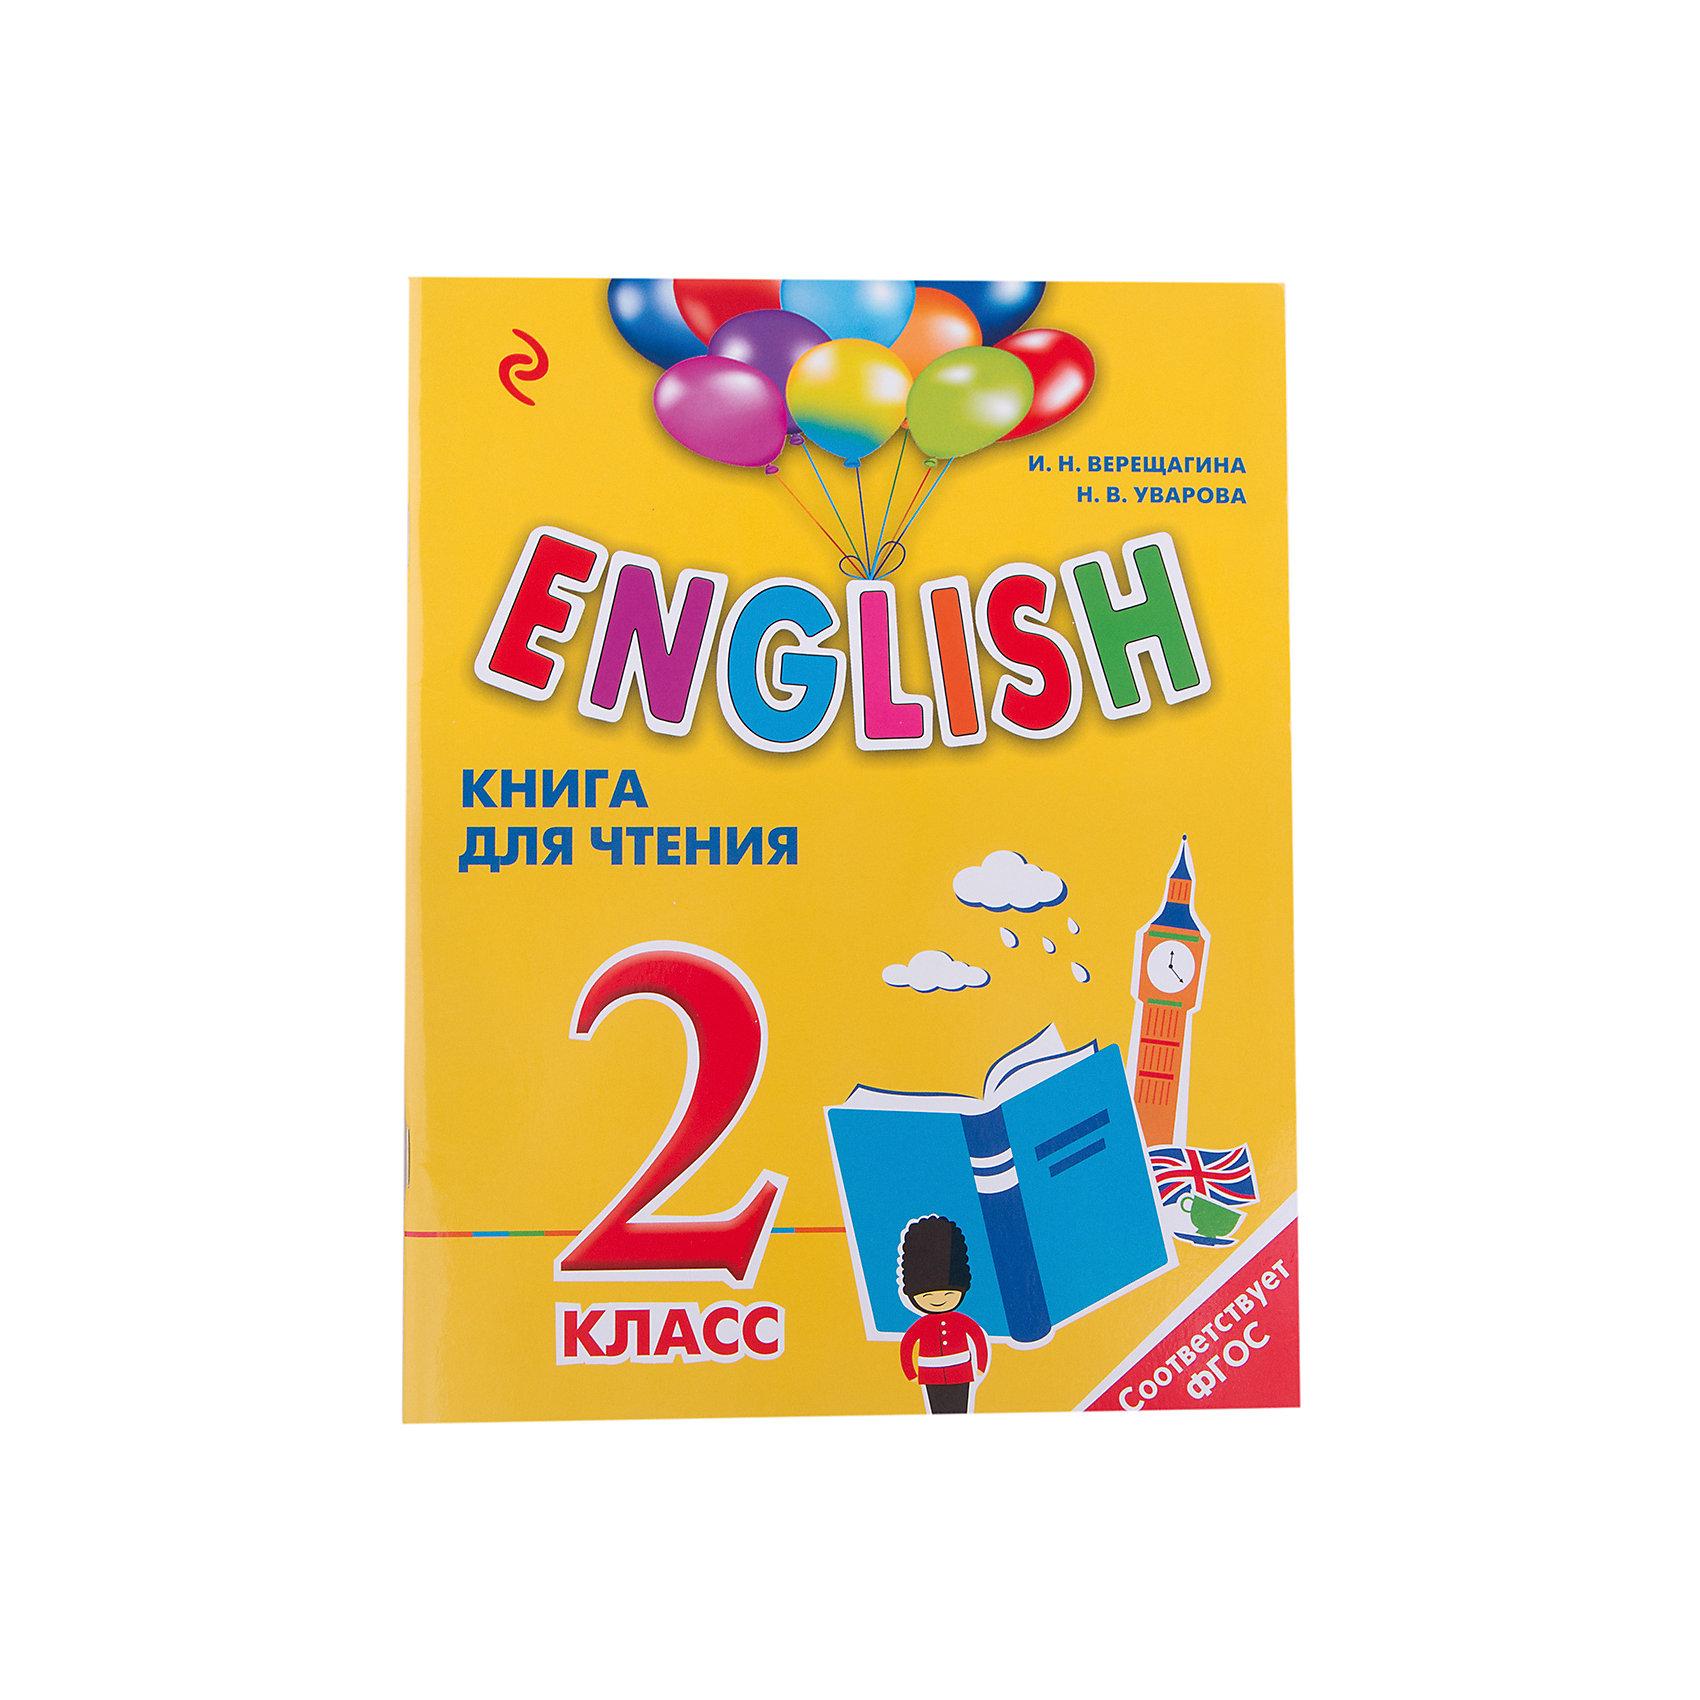 ENGLISH, 2 класс, книга для чтенияЭксмо<br>Книга для чтения входит в состав учебно-методического комплекта по английскому языку и вместе с учебником, рабочей тетрадью, контрольными заданиями и методическим пособием для взрослых представляет собой начальный курс английского языка для учащихся 2-го класса общеобразовательных учреждений.<br>Книга для чтения специально подготовлена для развития навыков чтения; интересные тексты и многочисленные разнообразные задания направлены на совершенствование техники чтения, а также способствуют развитию навыков чтения с общим охватом содержания и чтения с детальным пониманием прочитанного. <br>Книга для чтения предназначена для младших школьников, изучающих английский язык с преподавателем или репетитором, а также дома с родителями.<br><br>Ширина мм: 270<br>Глубина мм: 210<br>Высота мм: 10<br>Вес г: 191<br>Возраст от месяцев: 72<br>Возраст до месяцев: 96<br>Пол: Унисекс<br>Возраст: Детский<br>SKU: 6878174